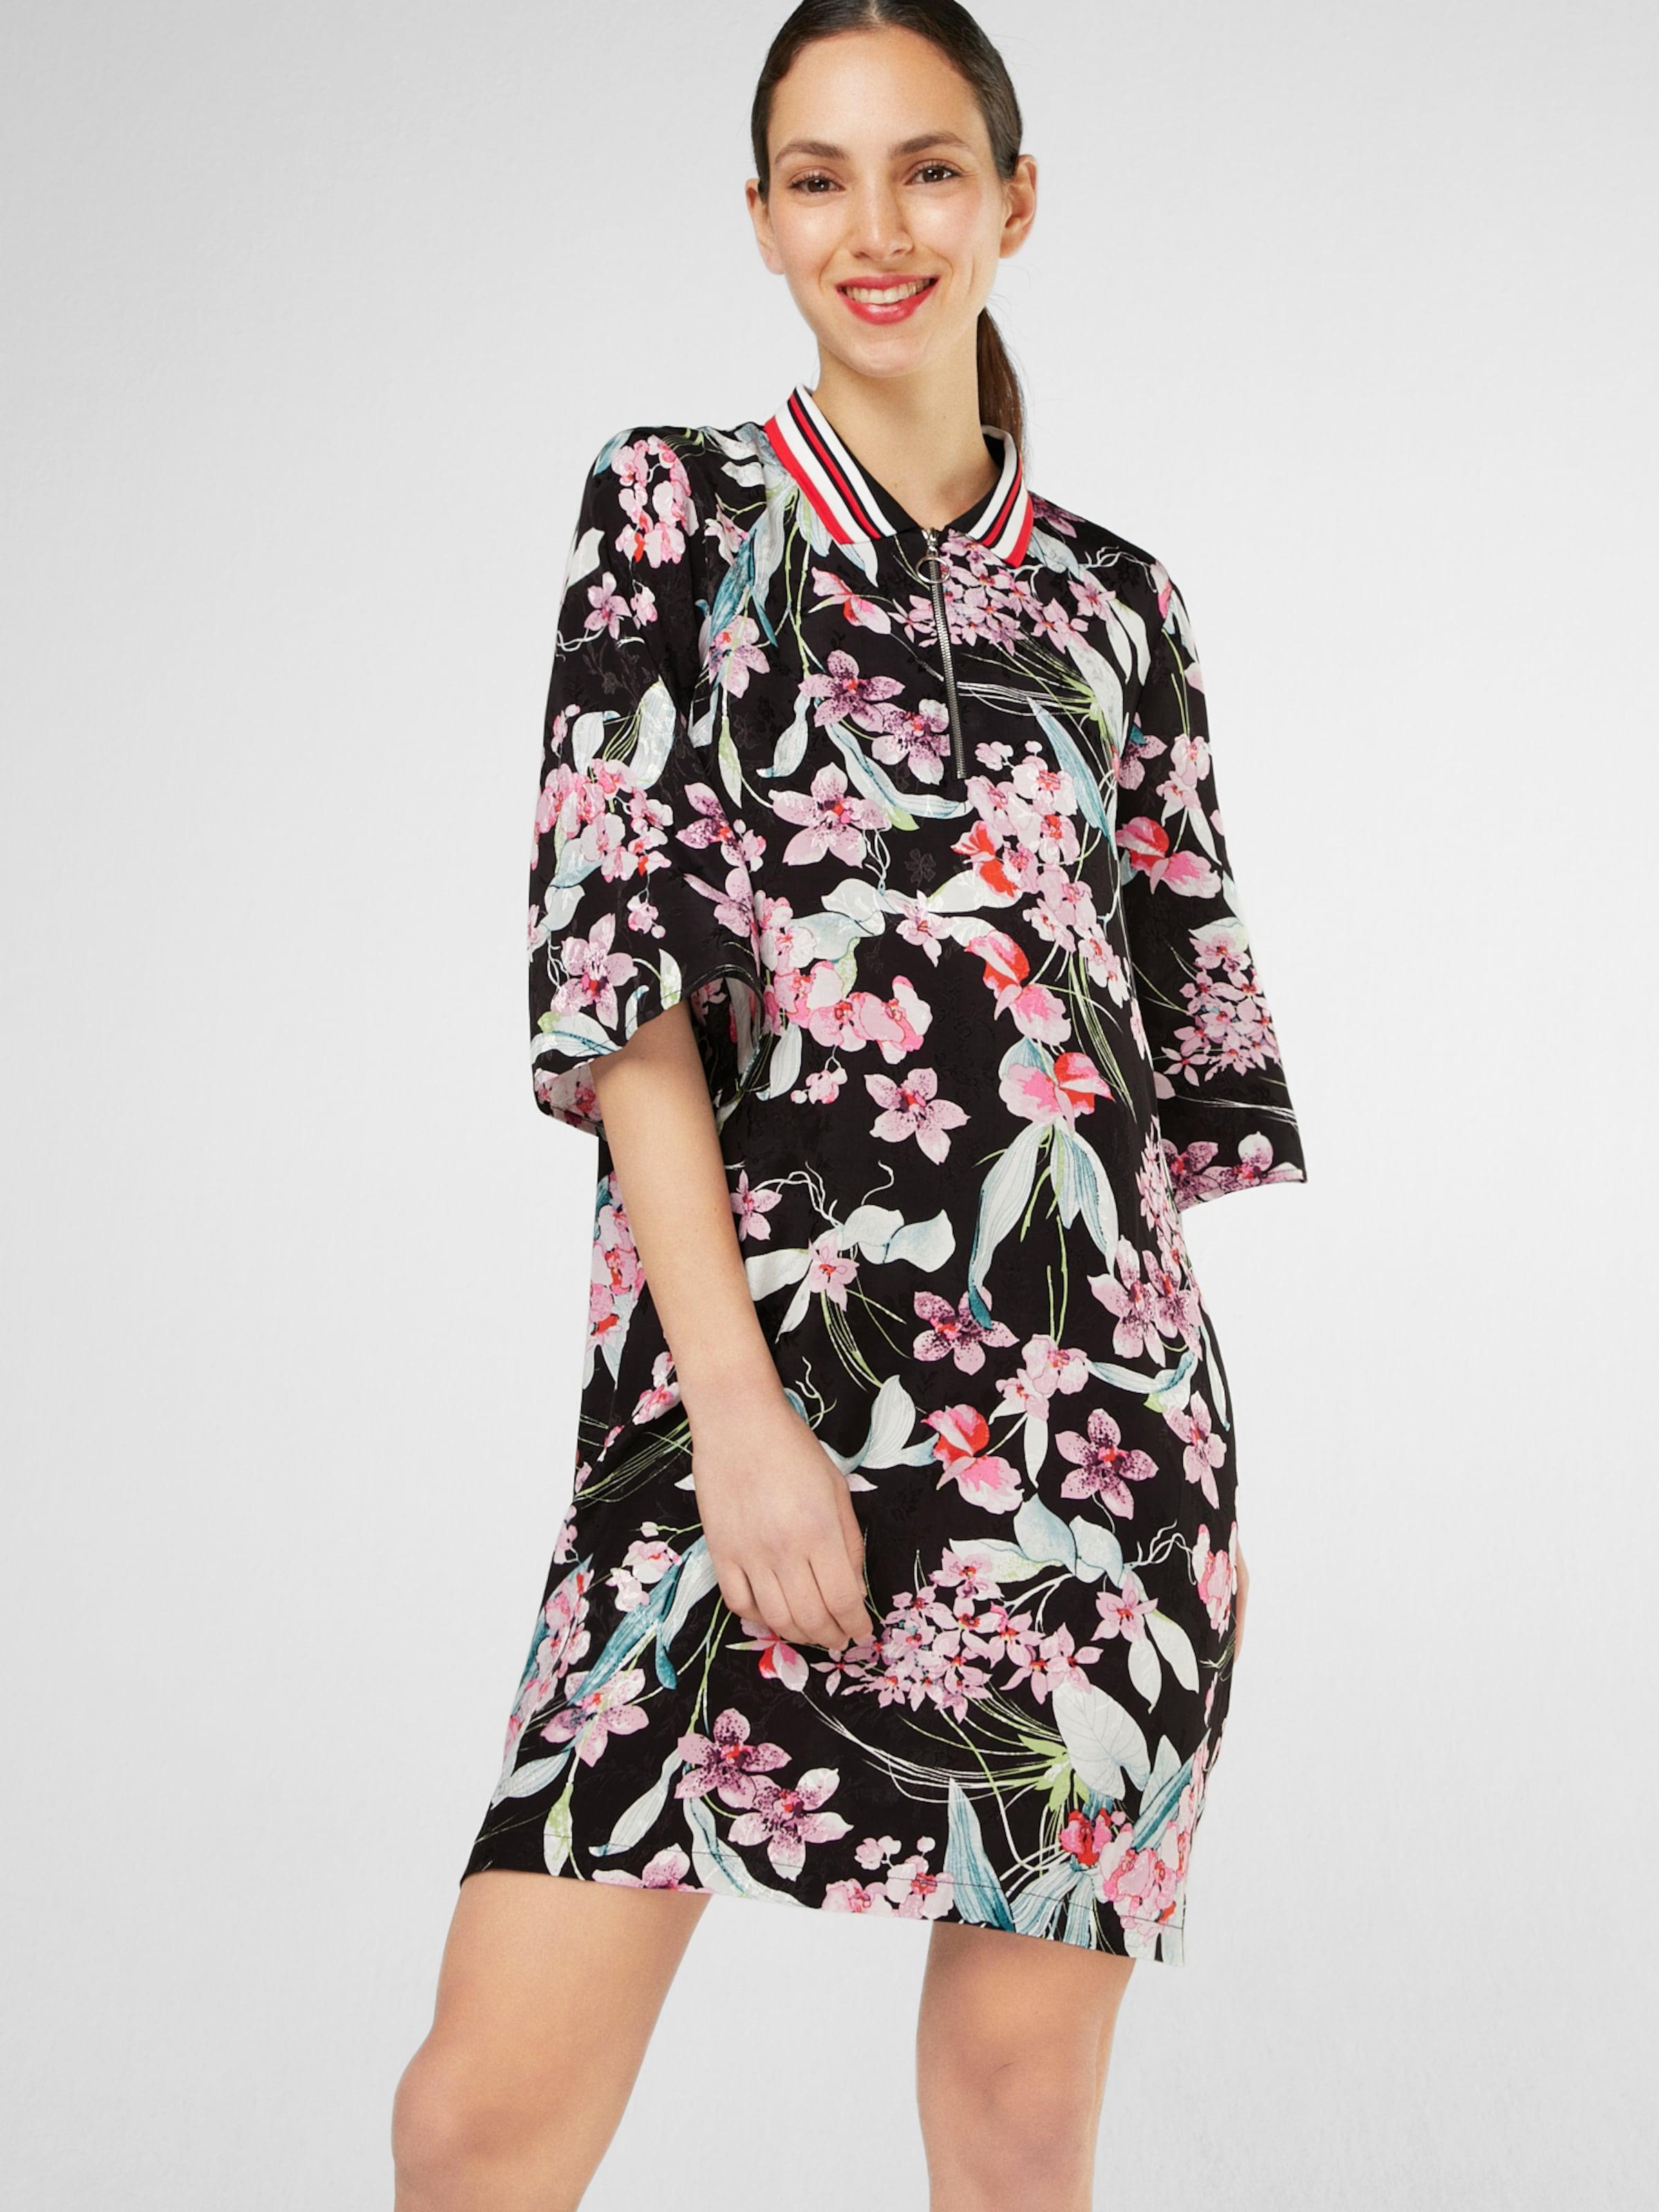 MischfarbenSchwarz 'julia Kleid In Dress' Eksept Nwmv80PyOn